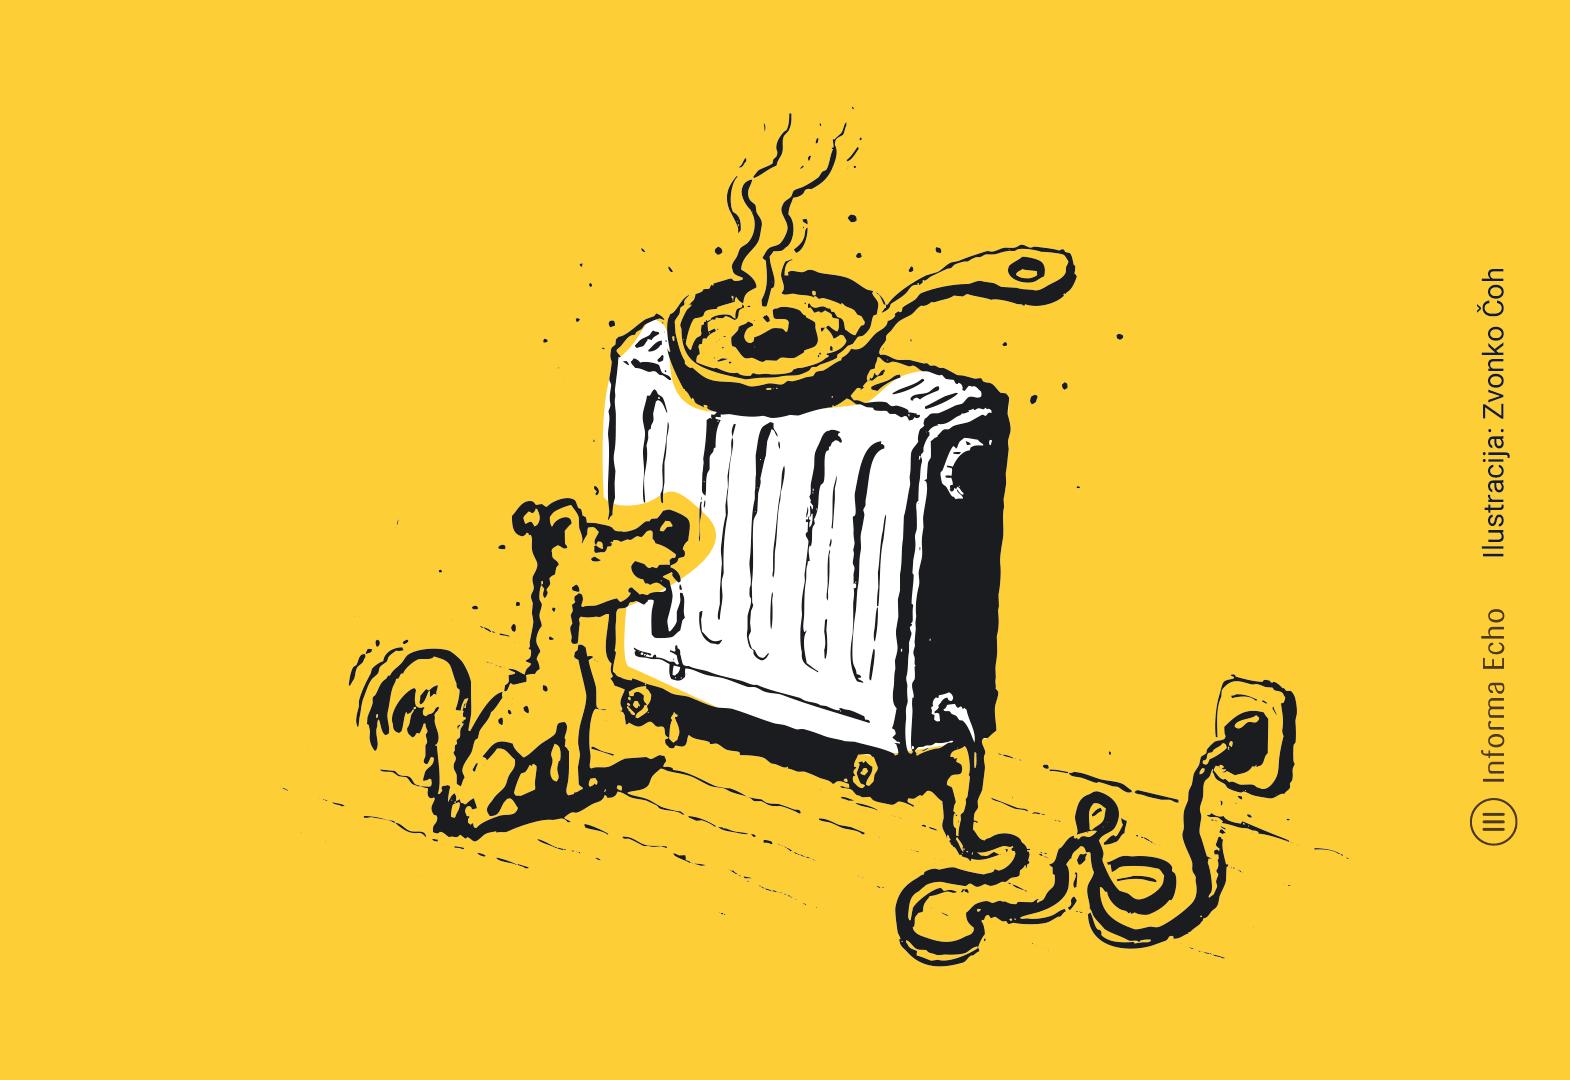 Z uporabo termostatskih ventilovlahko prihranimo / Pozitivna energija / Ilustracija Zvonko Čoh